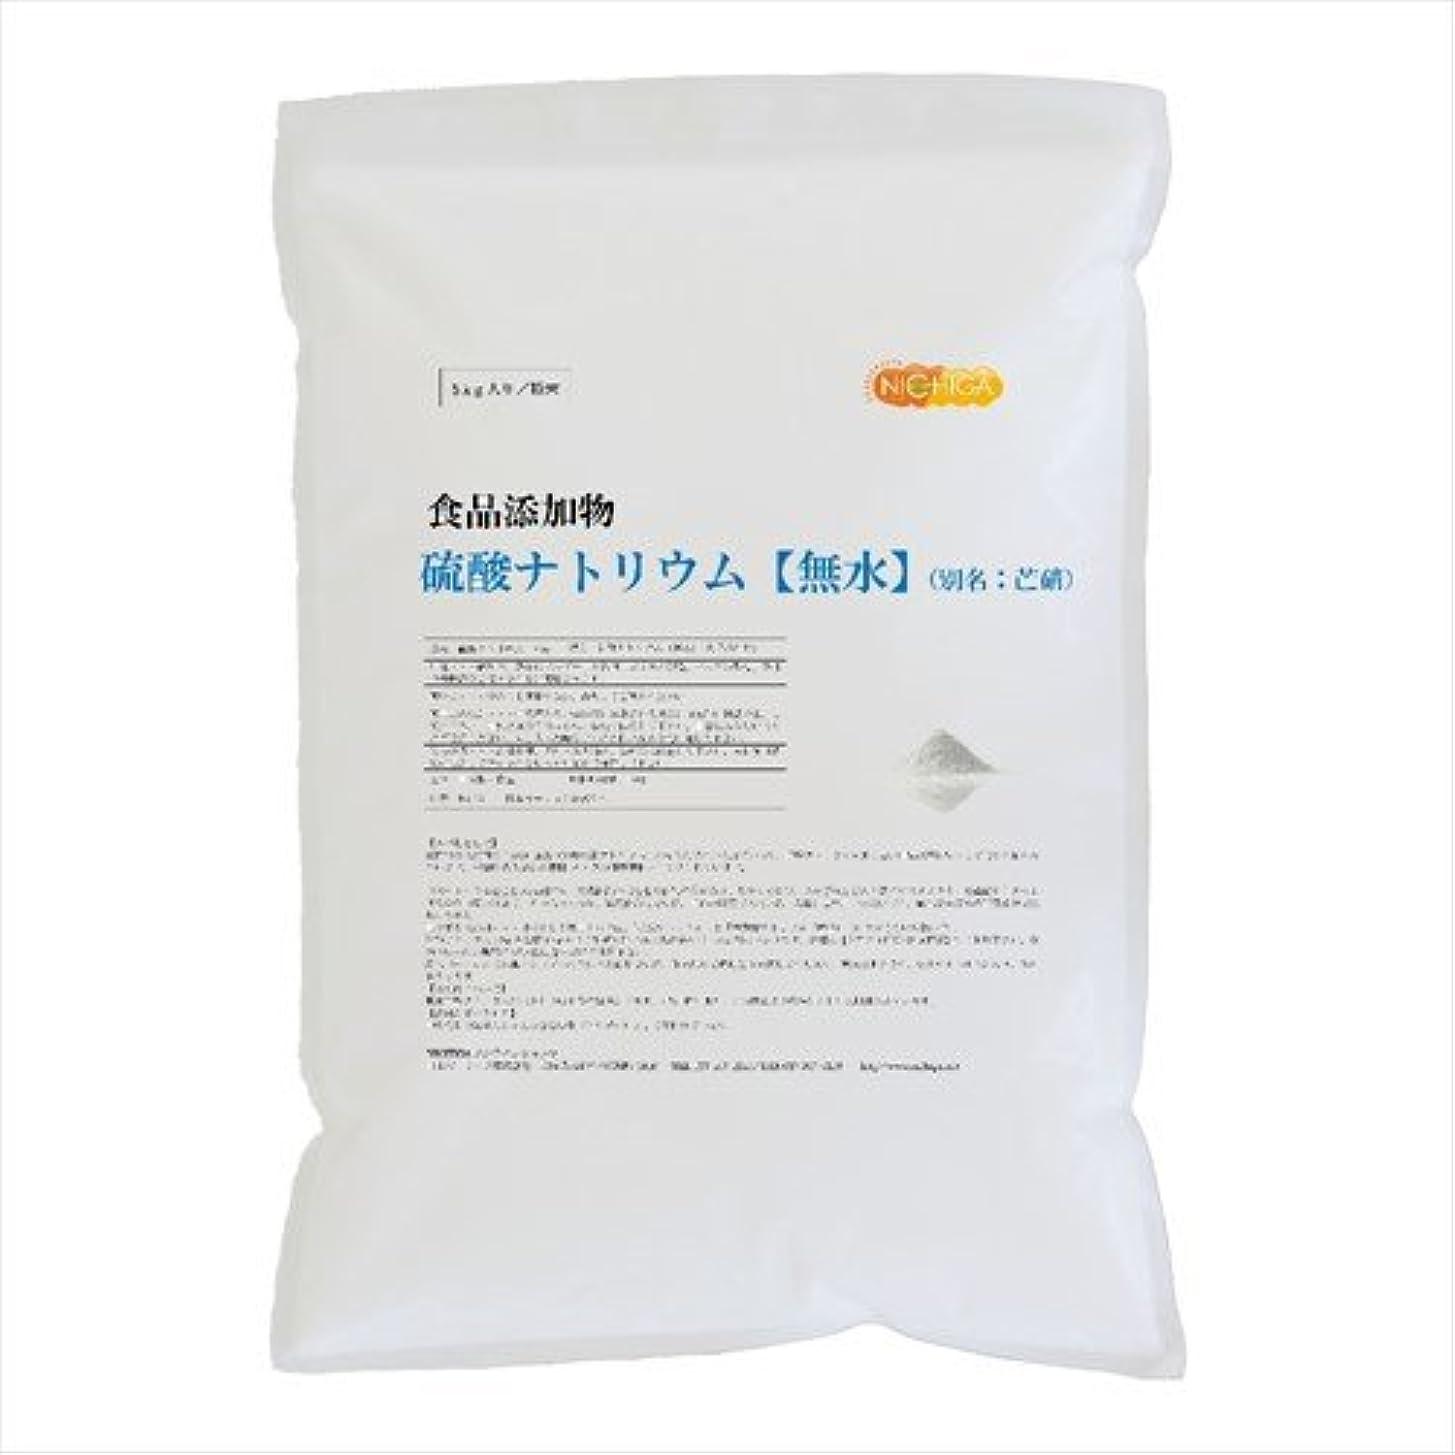 喜んでガード濃度国産 硫酸ナトリウム 5kg【無水】芒硝 グラウバーソルト 食品添加物 [02] NICHIGA(ニチガ)